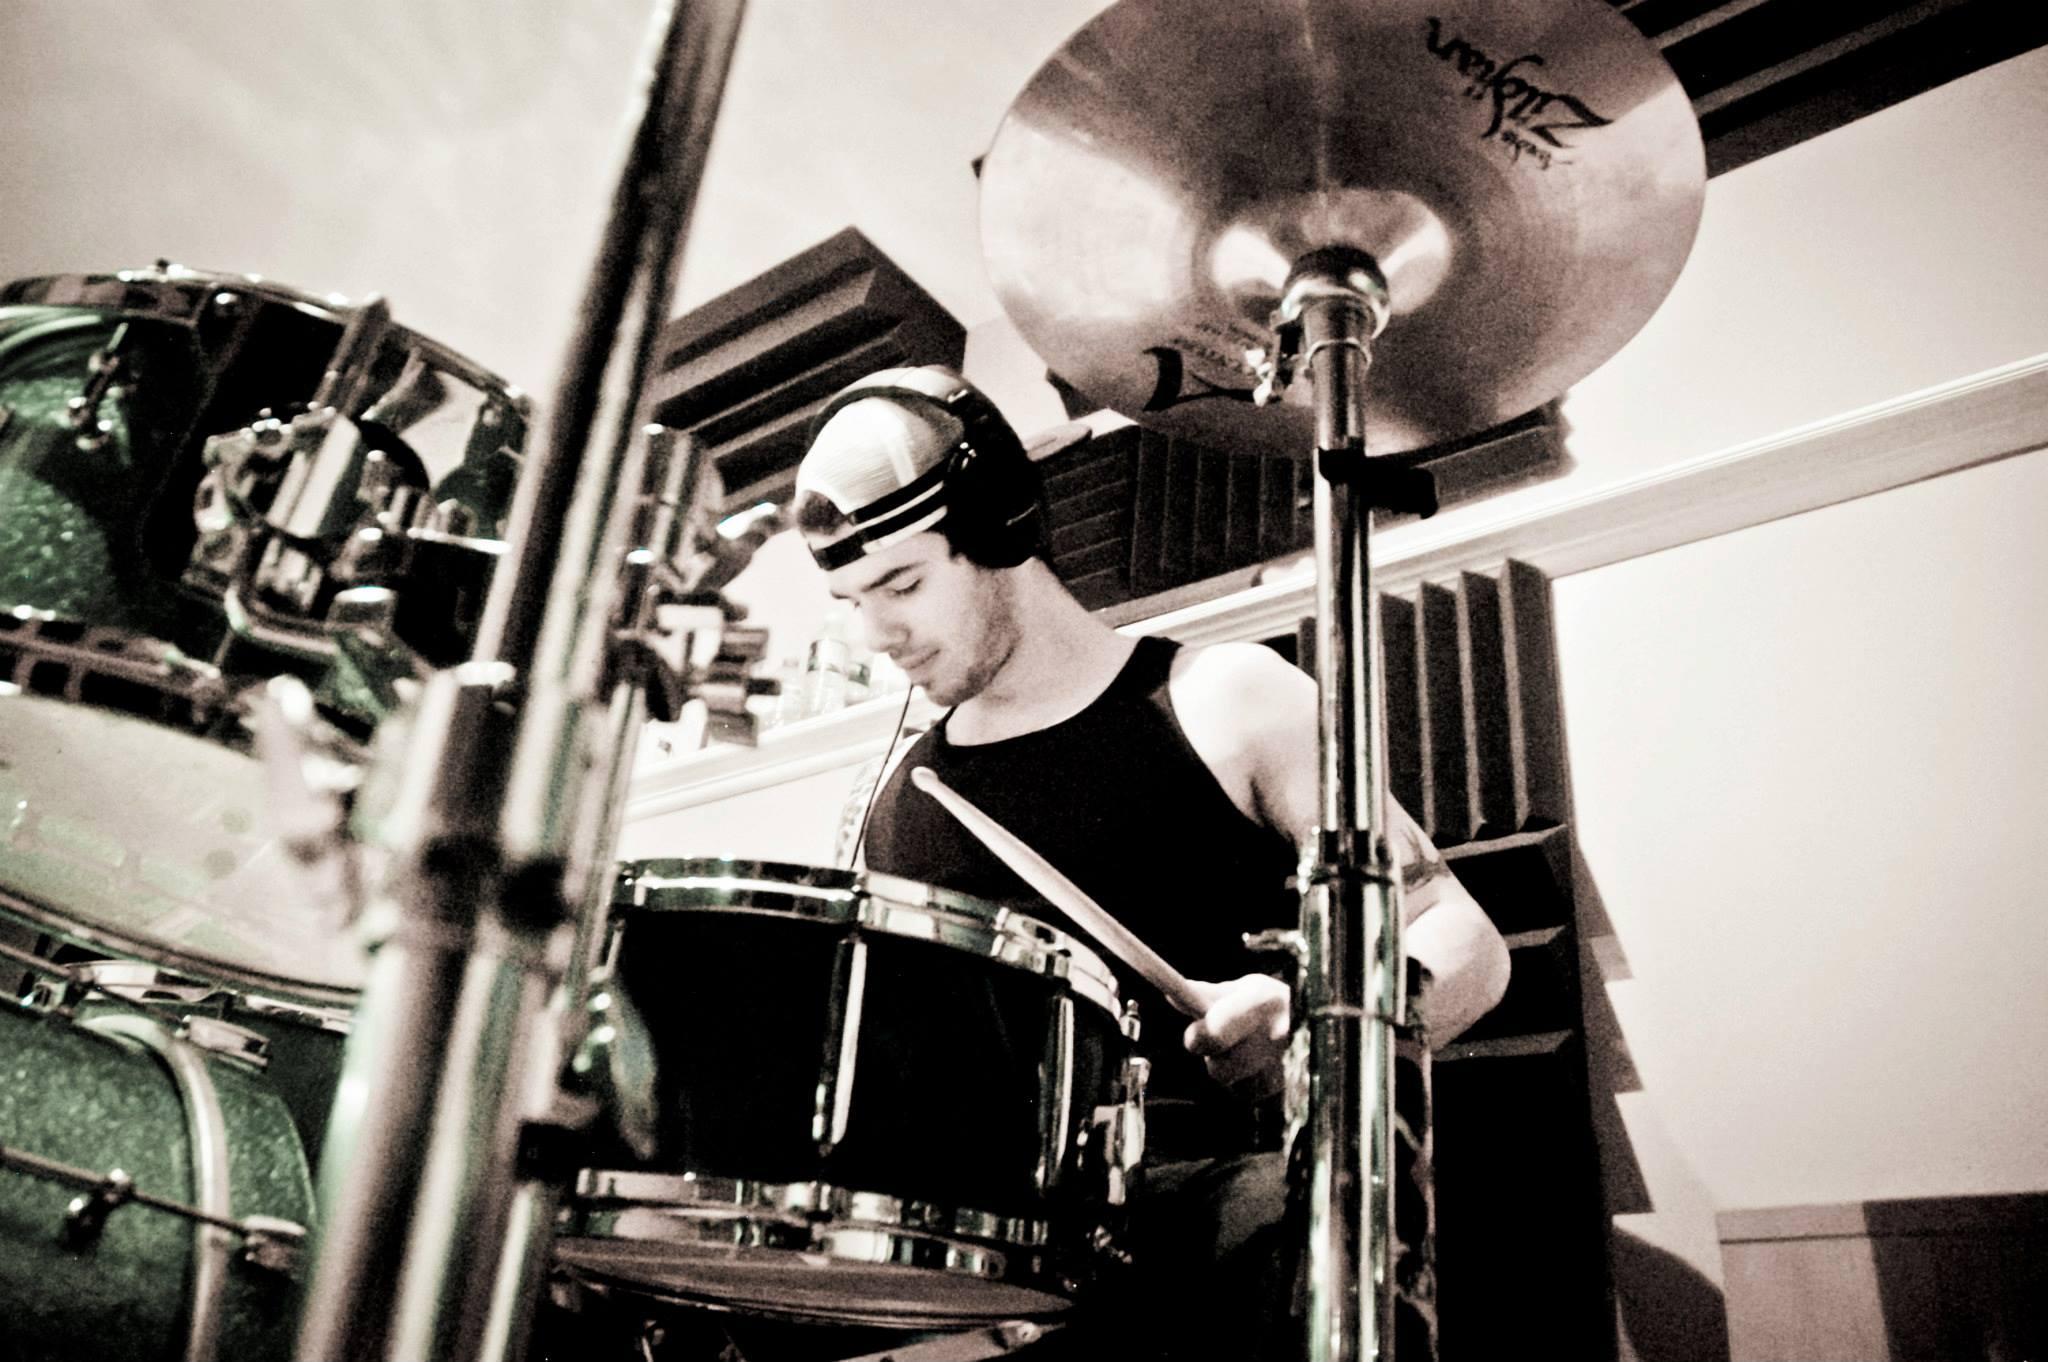 Drummer Alex Mascarin nd We Outspoken